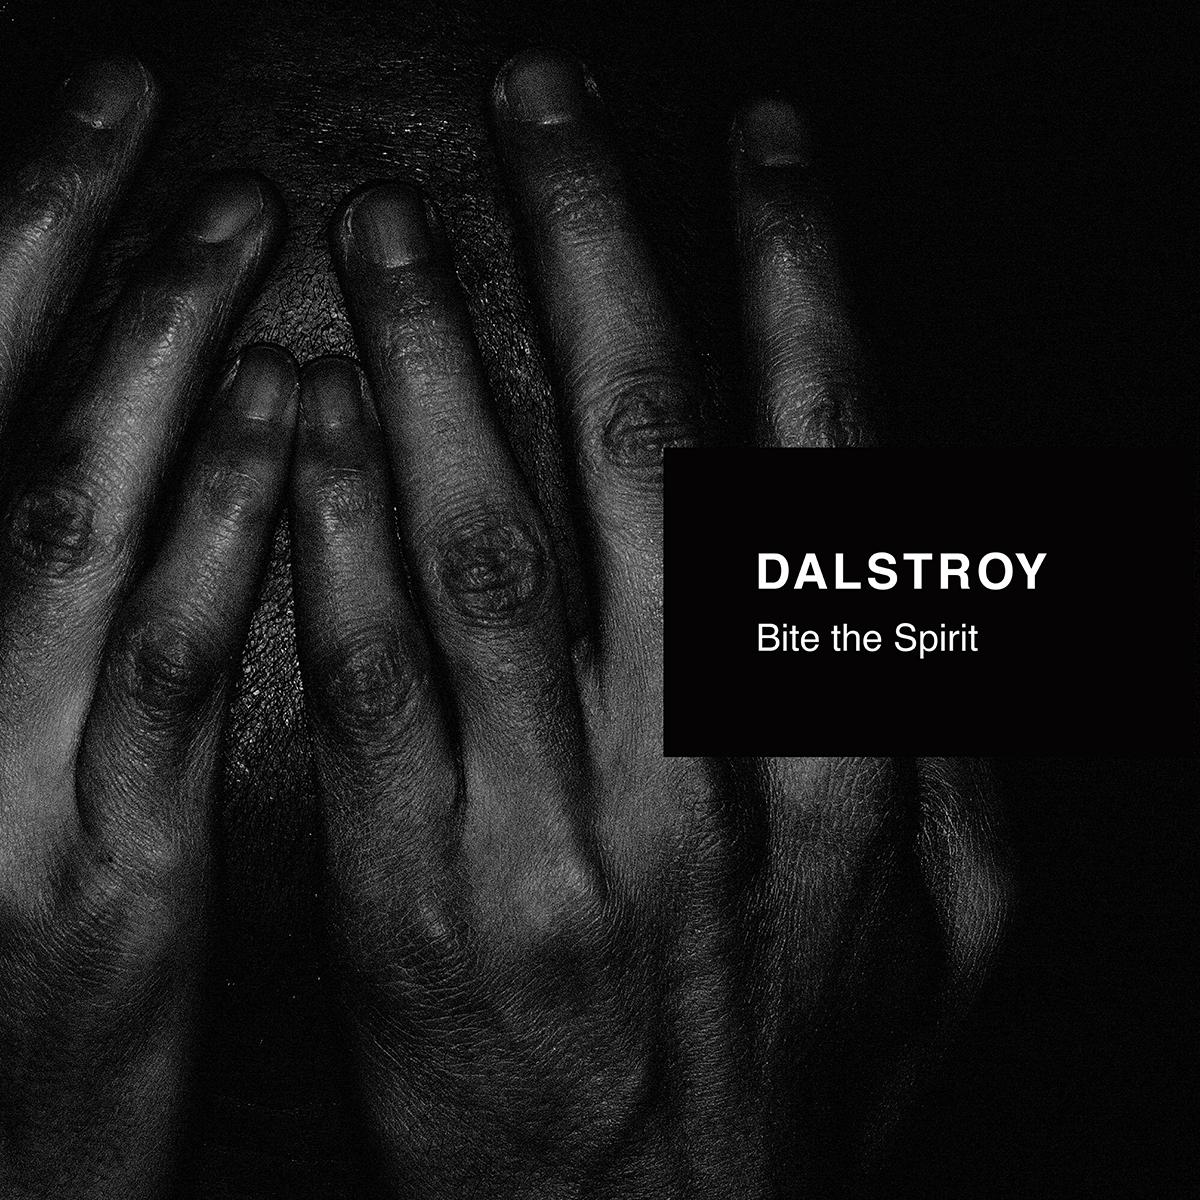 DALSTROY - Bite the Spirit